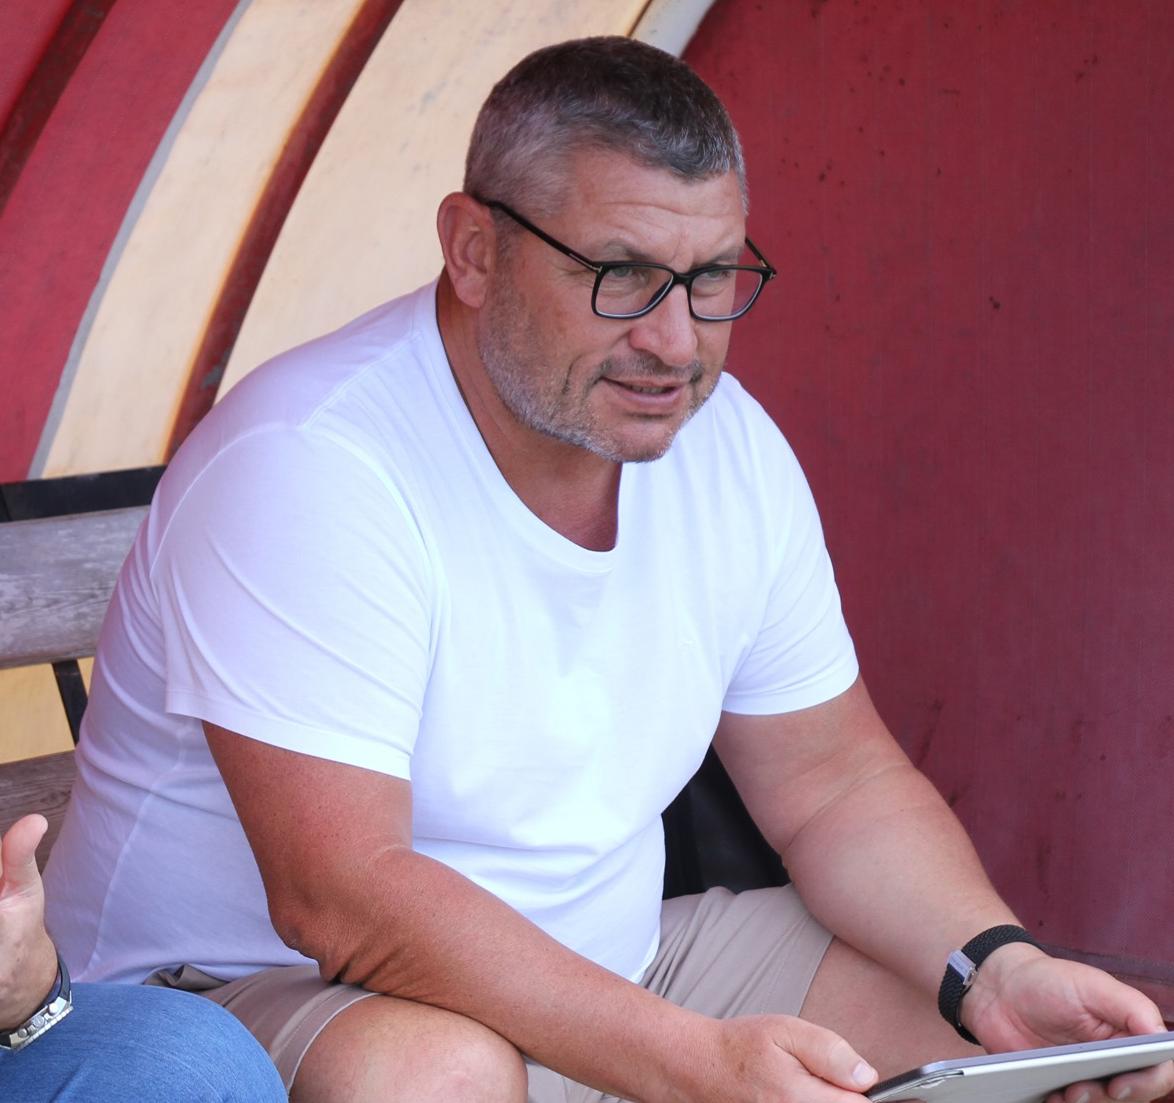 أوسيان روبيرت يفتح باب الترشيحات لتدريب المنتخبات الوطنية